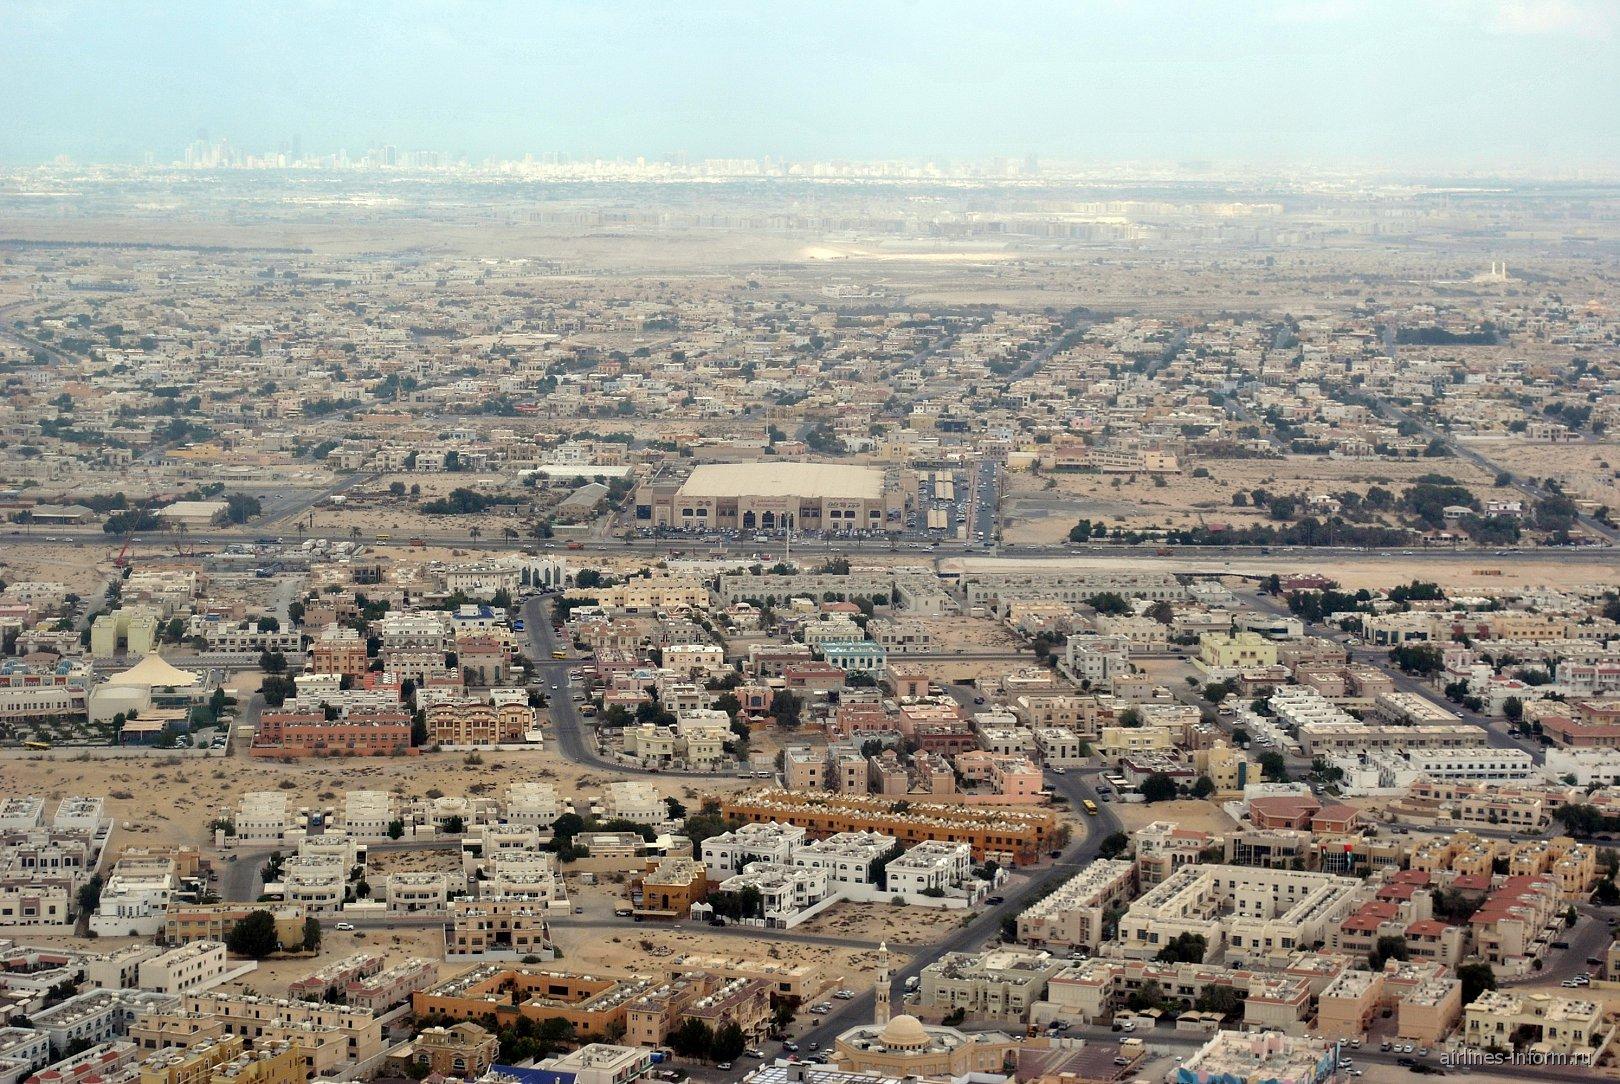 Город Шарджа в ОАЭ